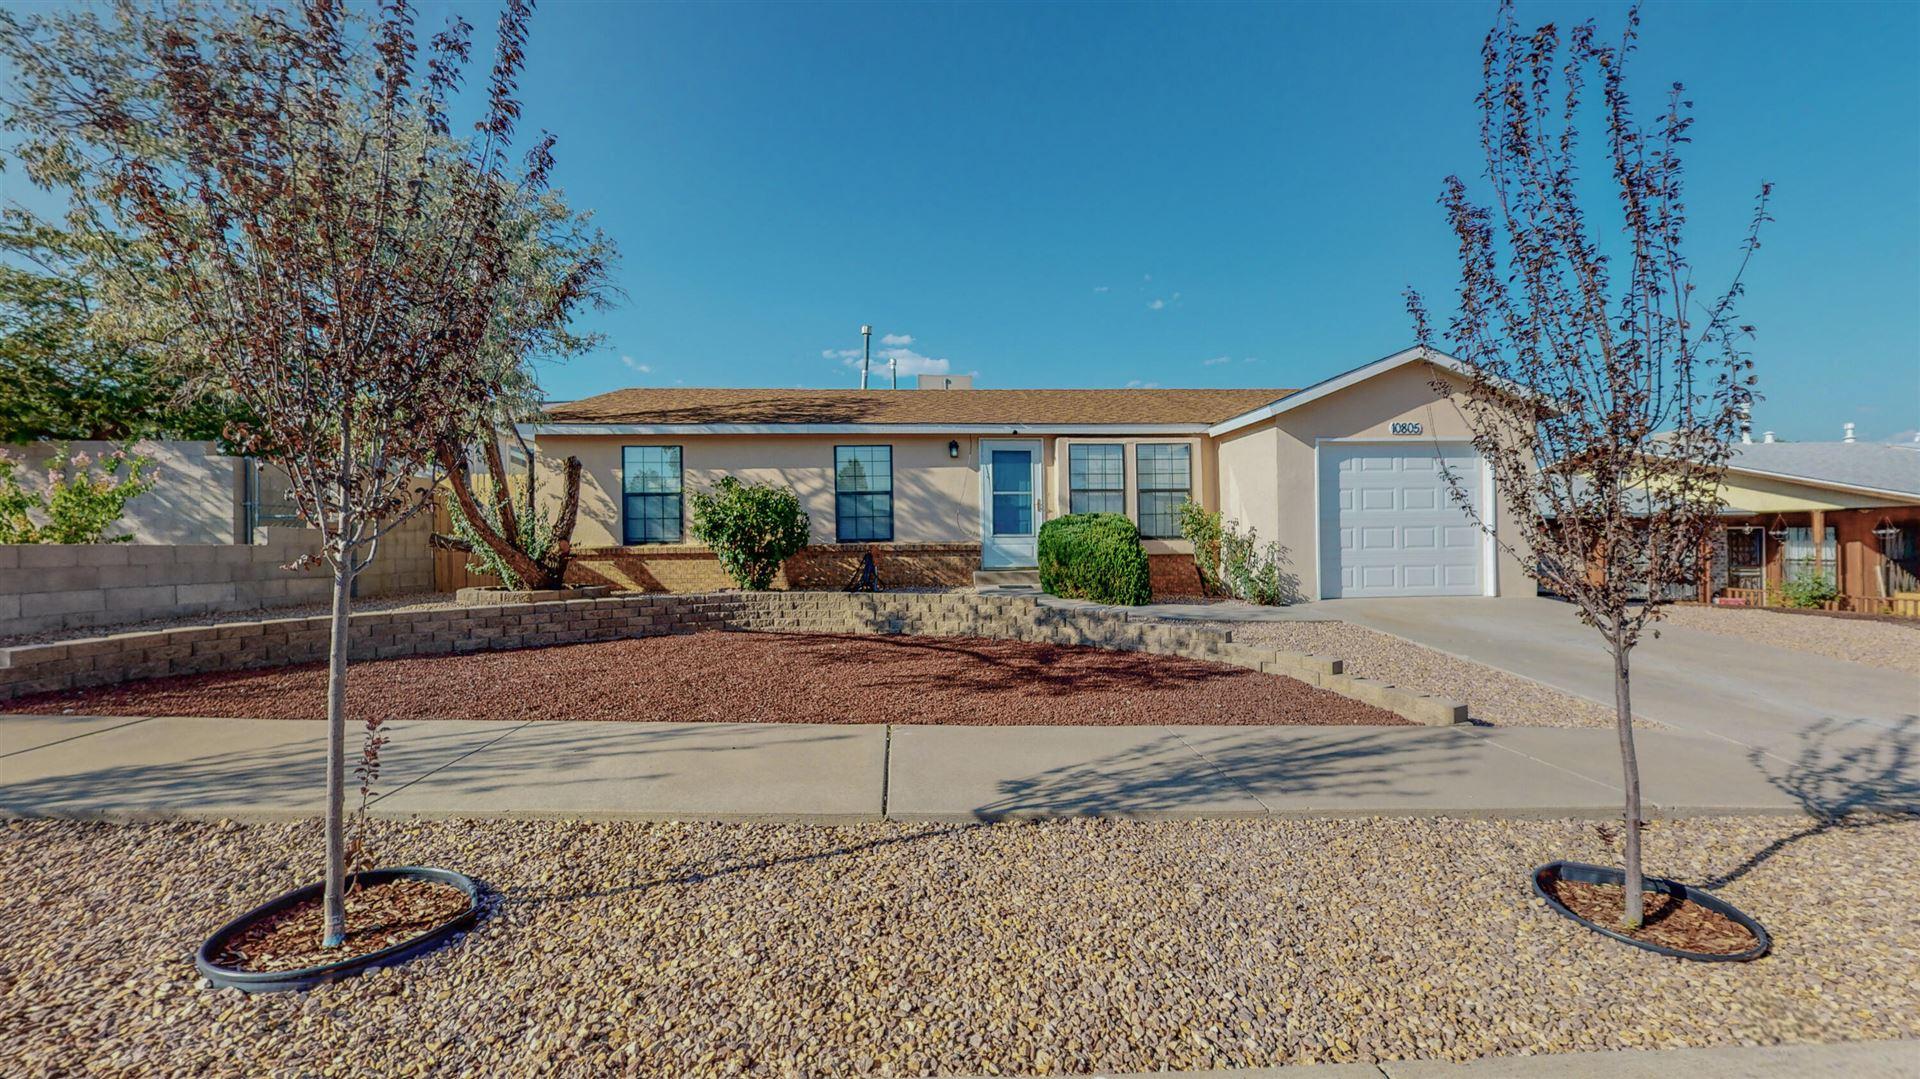 10805 Guadiana Place SW, Albuquerque, NM 87121 - #: 1001536